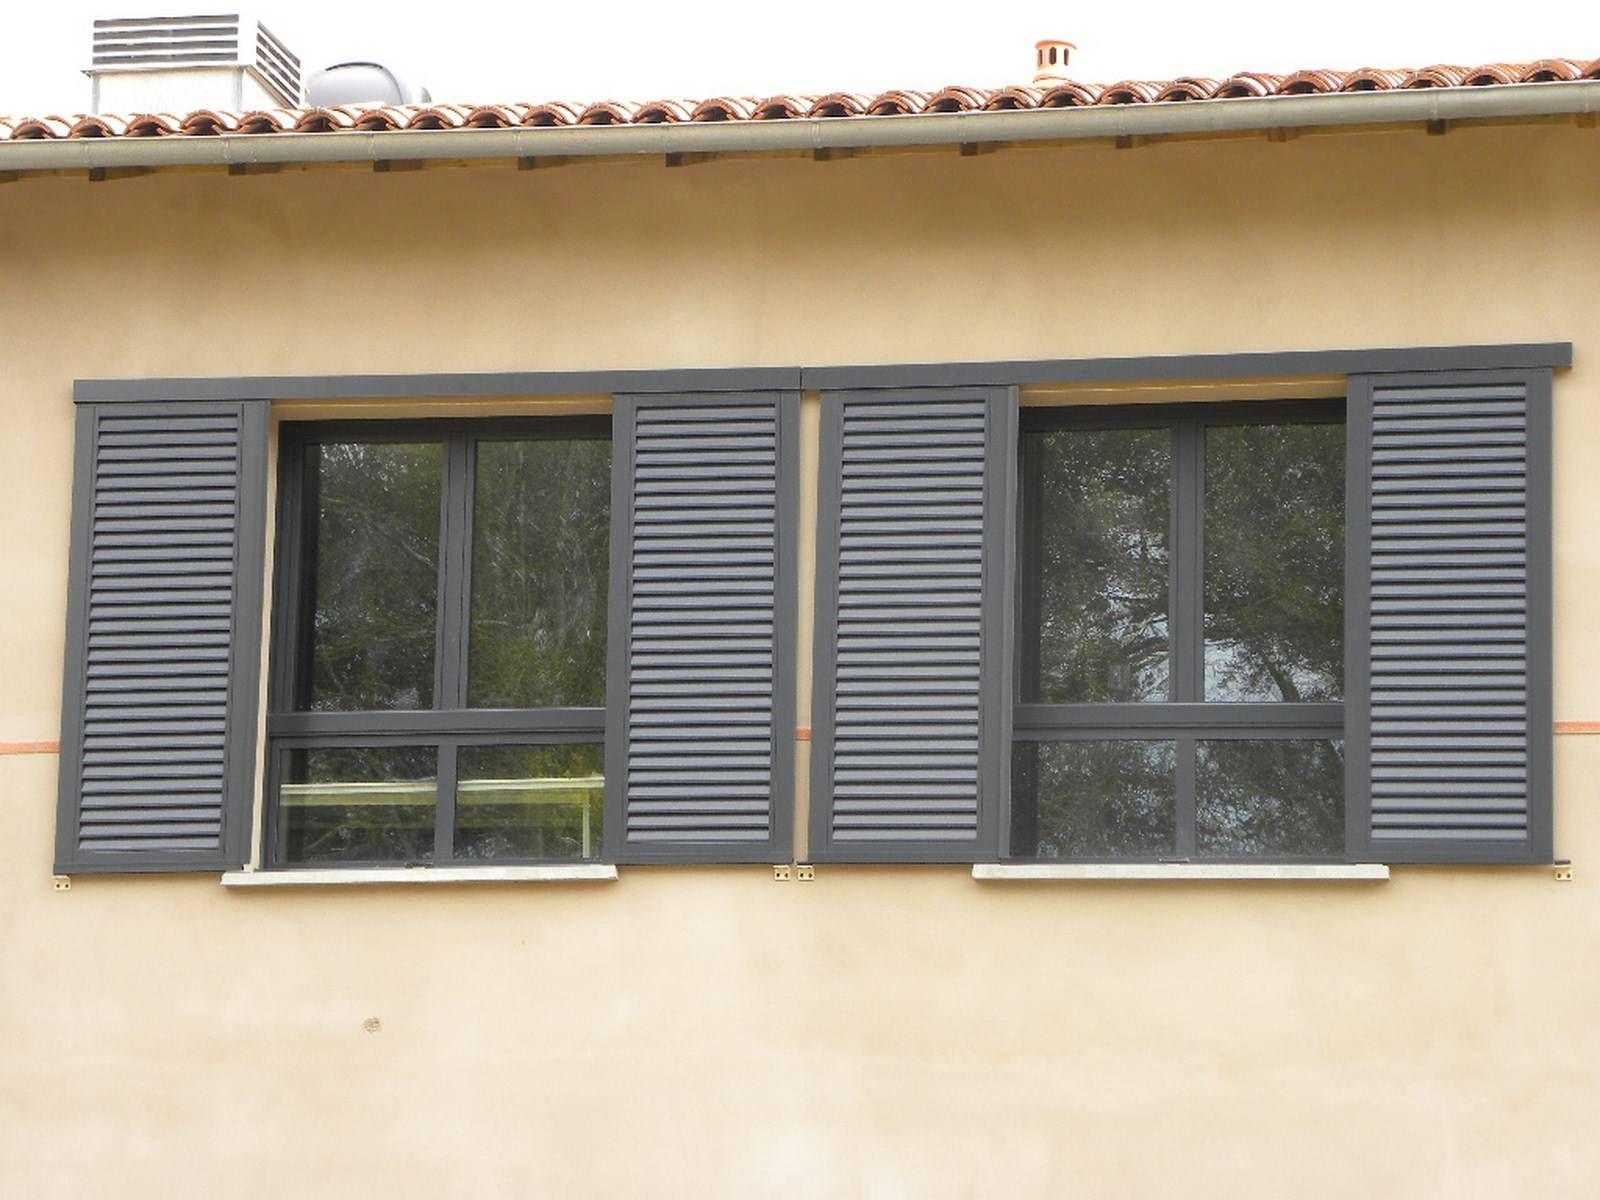 Volets coulissants persiennes maison pinterest louvre windows